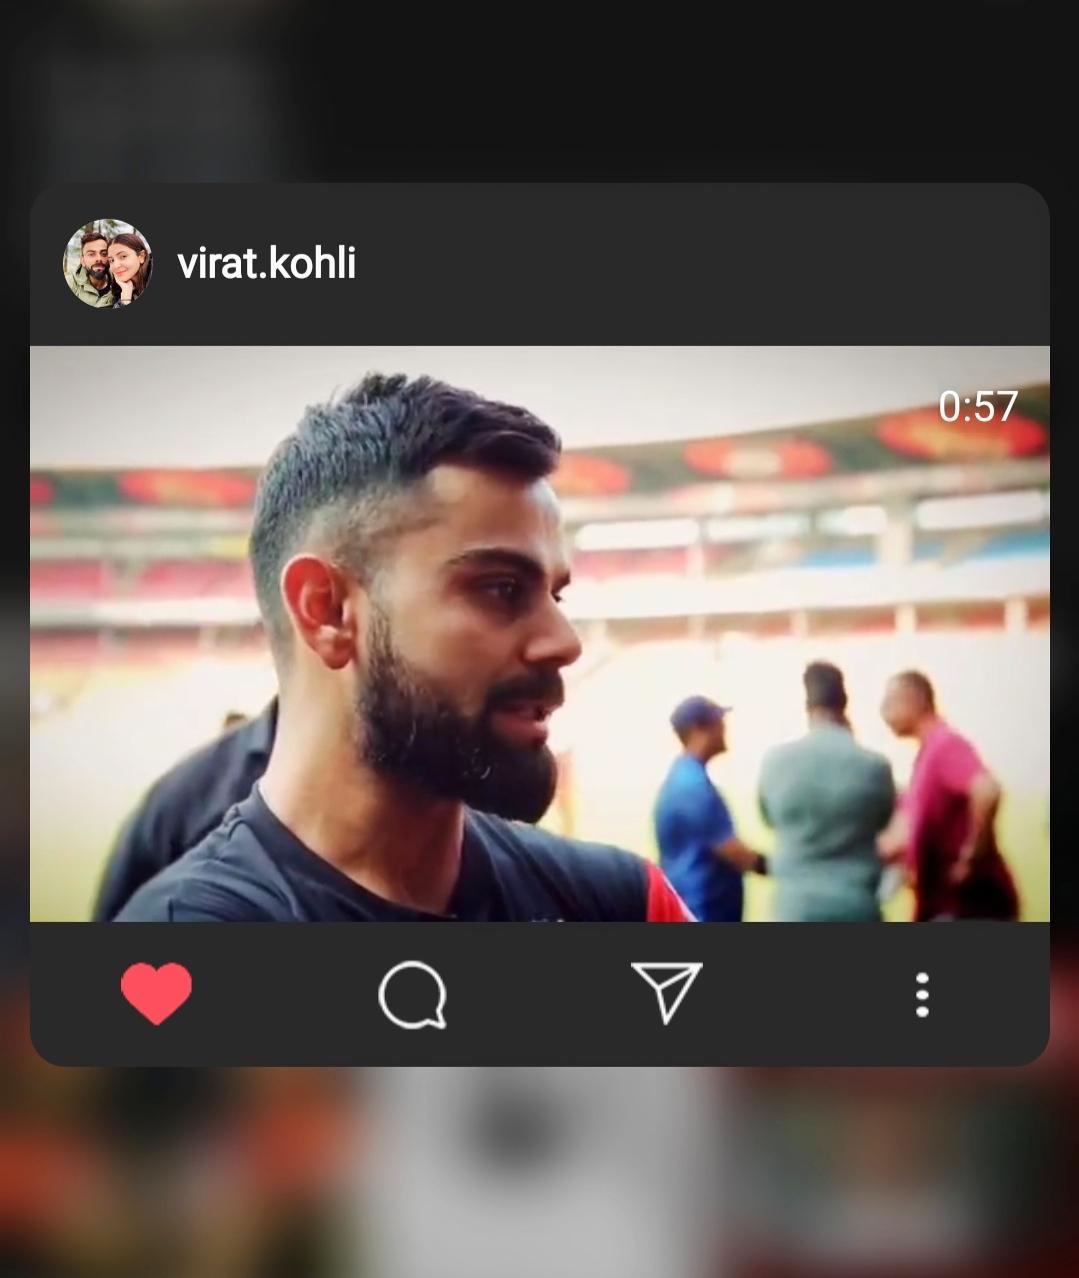 Virat Kohli became emotional before the start of IPL 2020, shared this lovely video